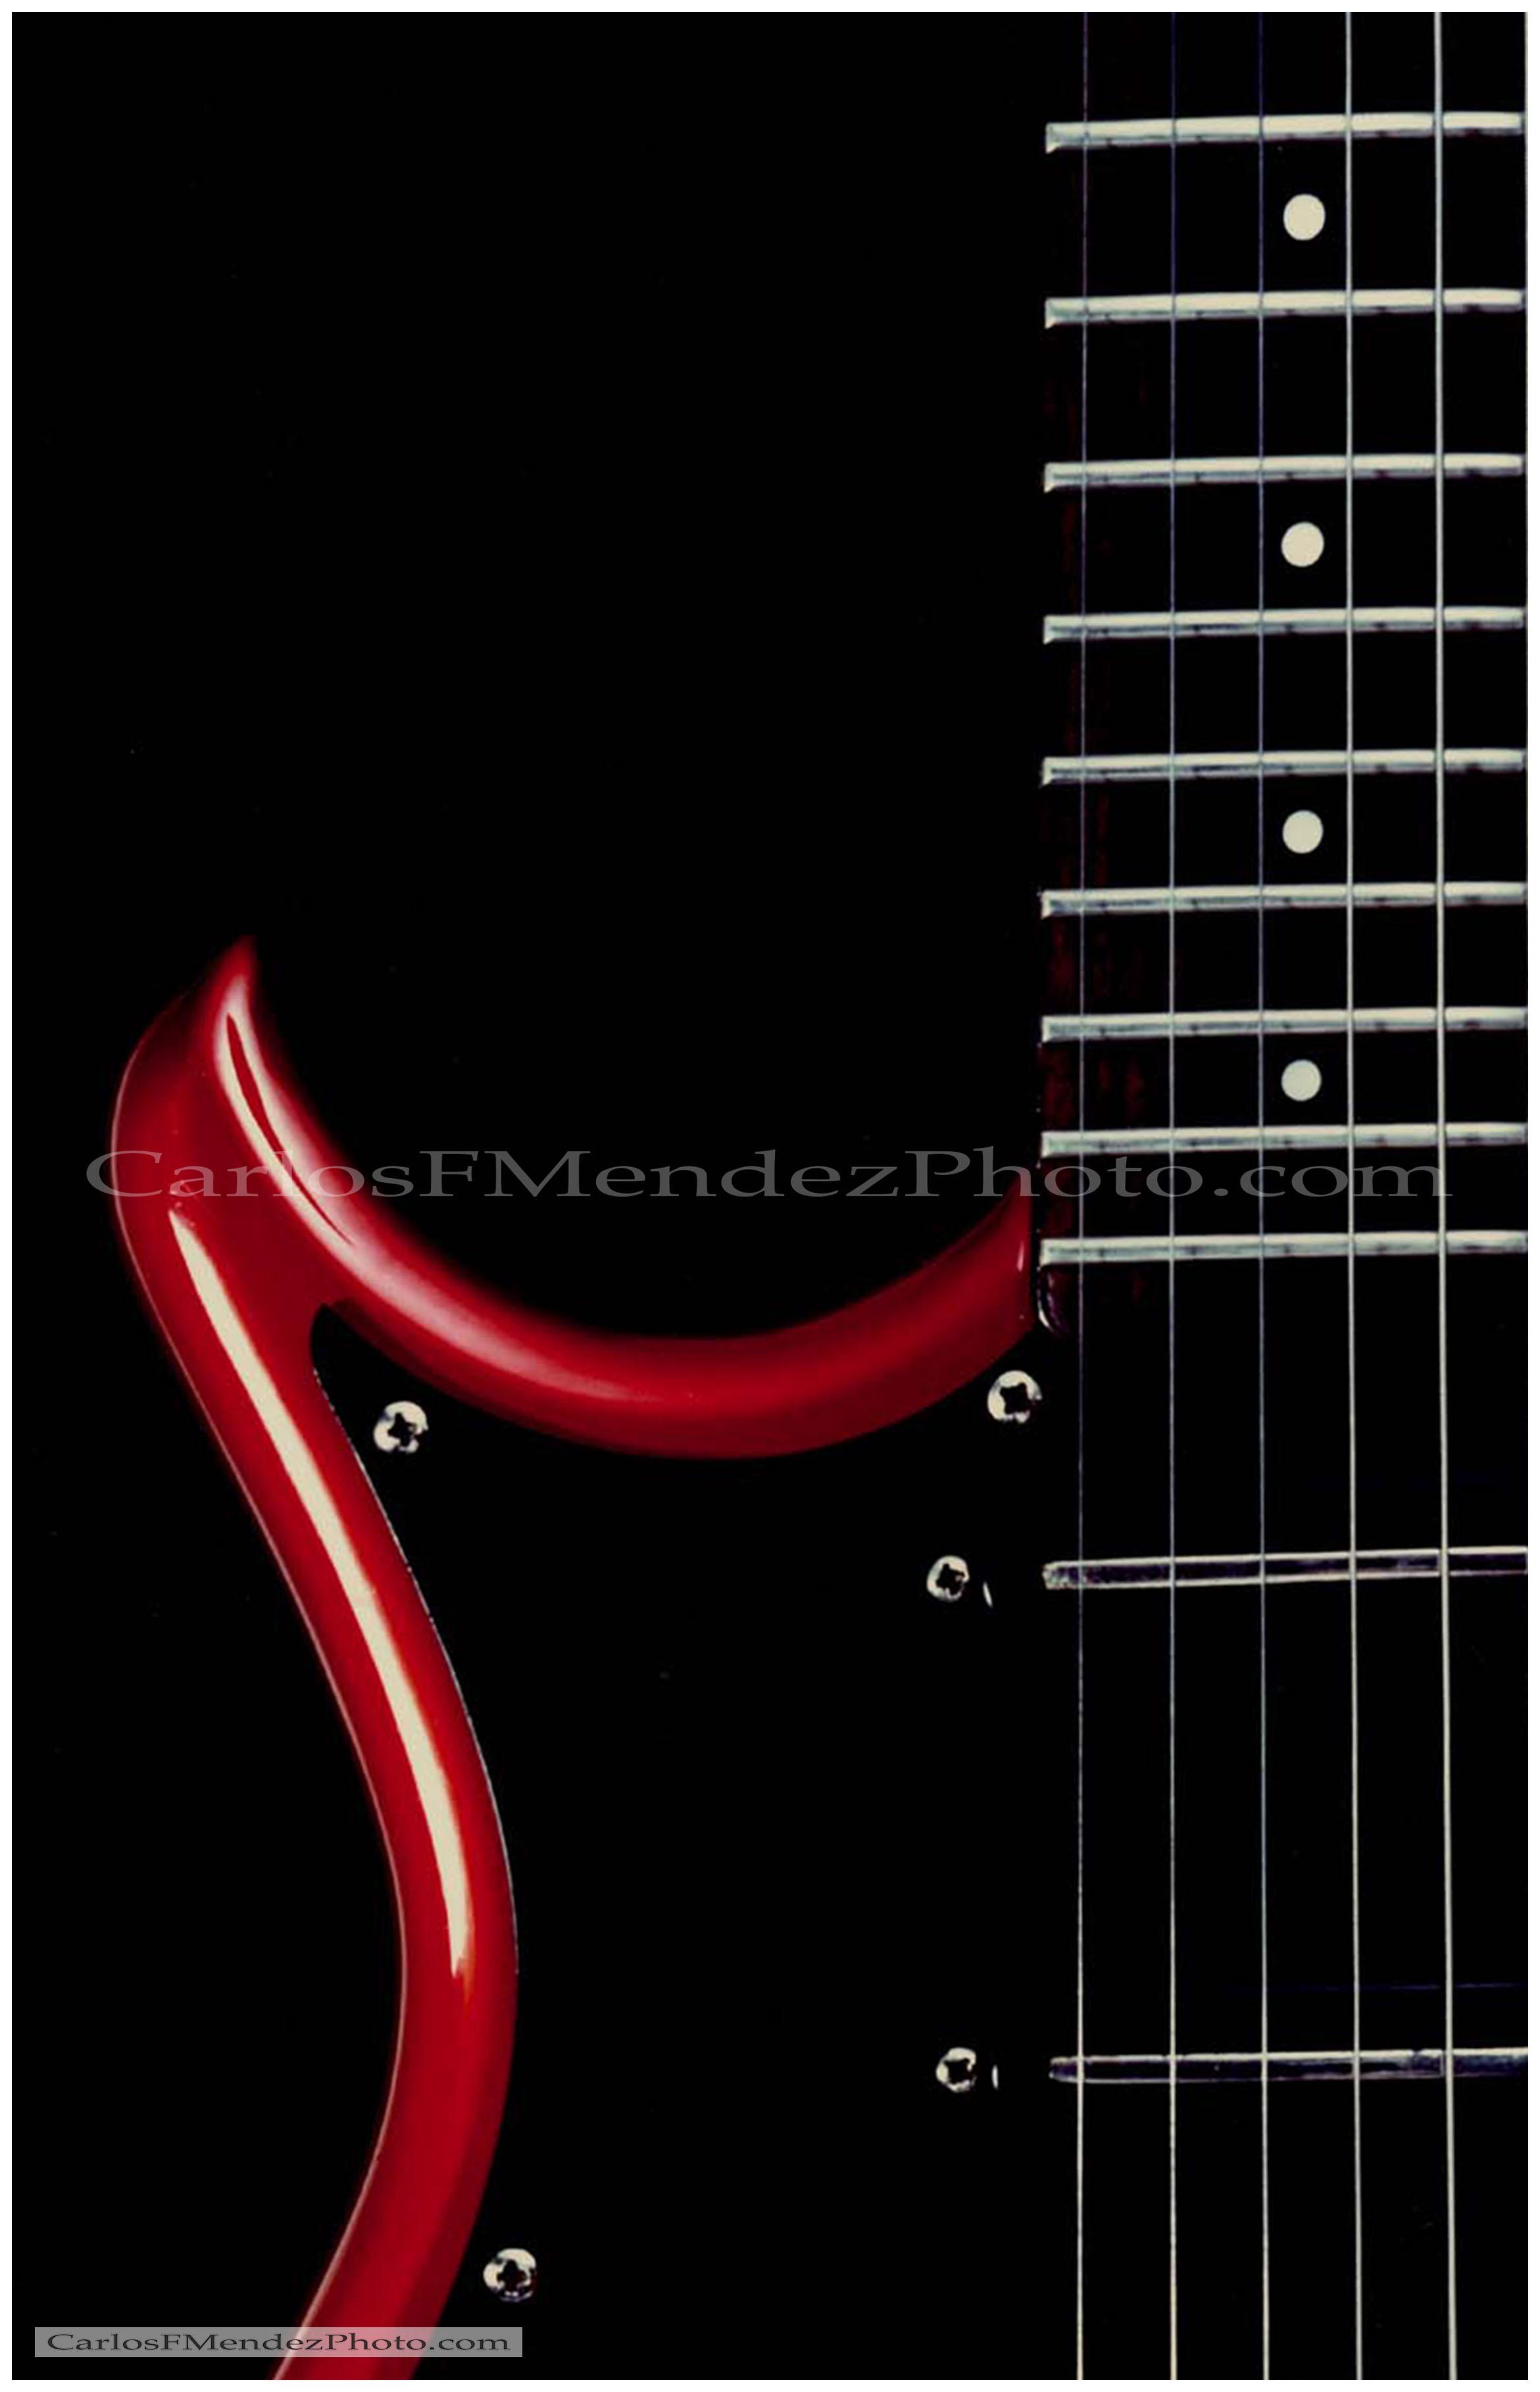 c 0321 guitarraLW